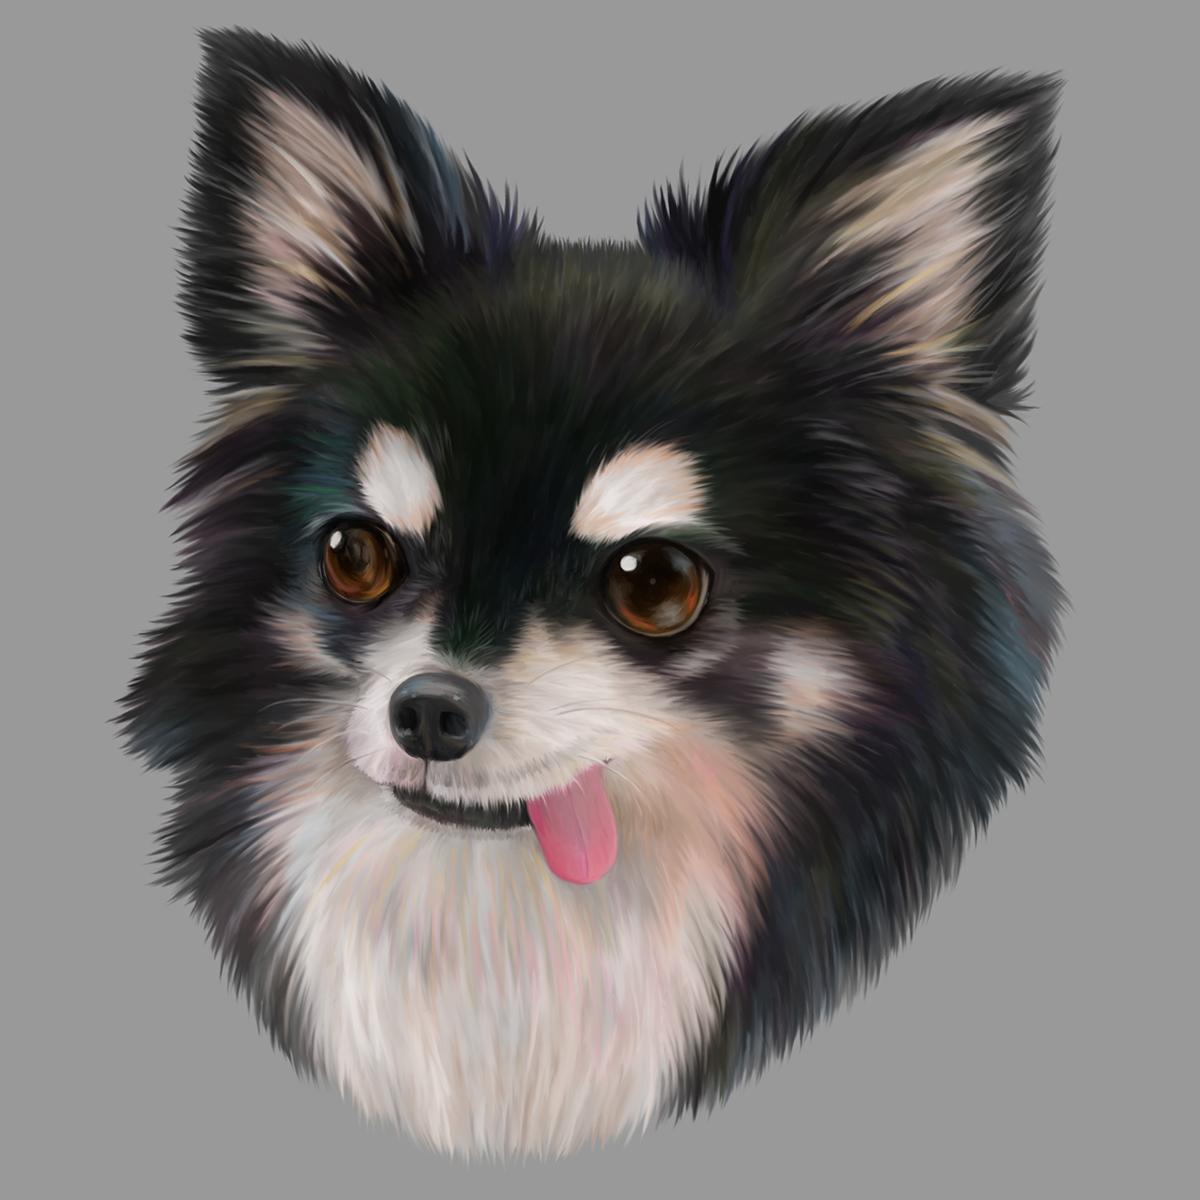 大好きなペット、動物のイラストをお描きします あなたの大好きをリアルタッチでイラストに!